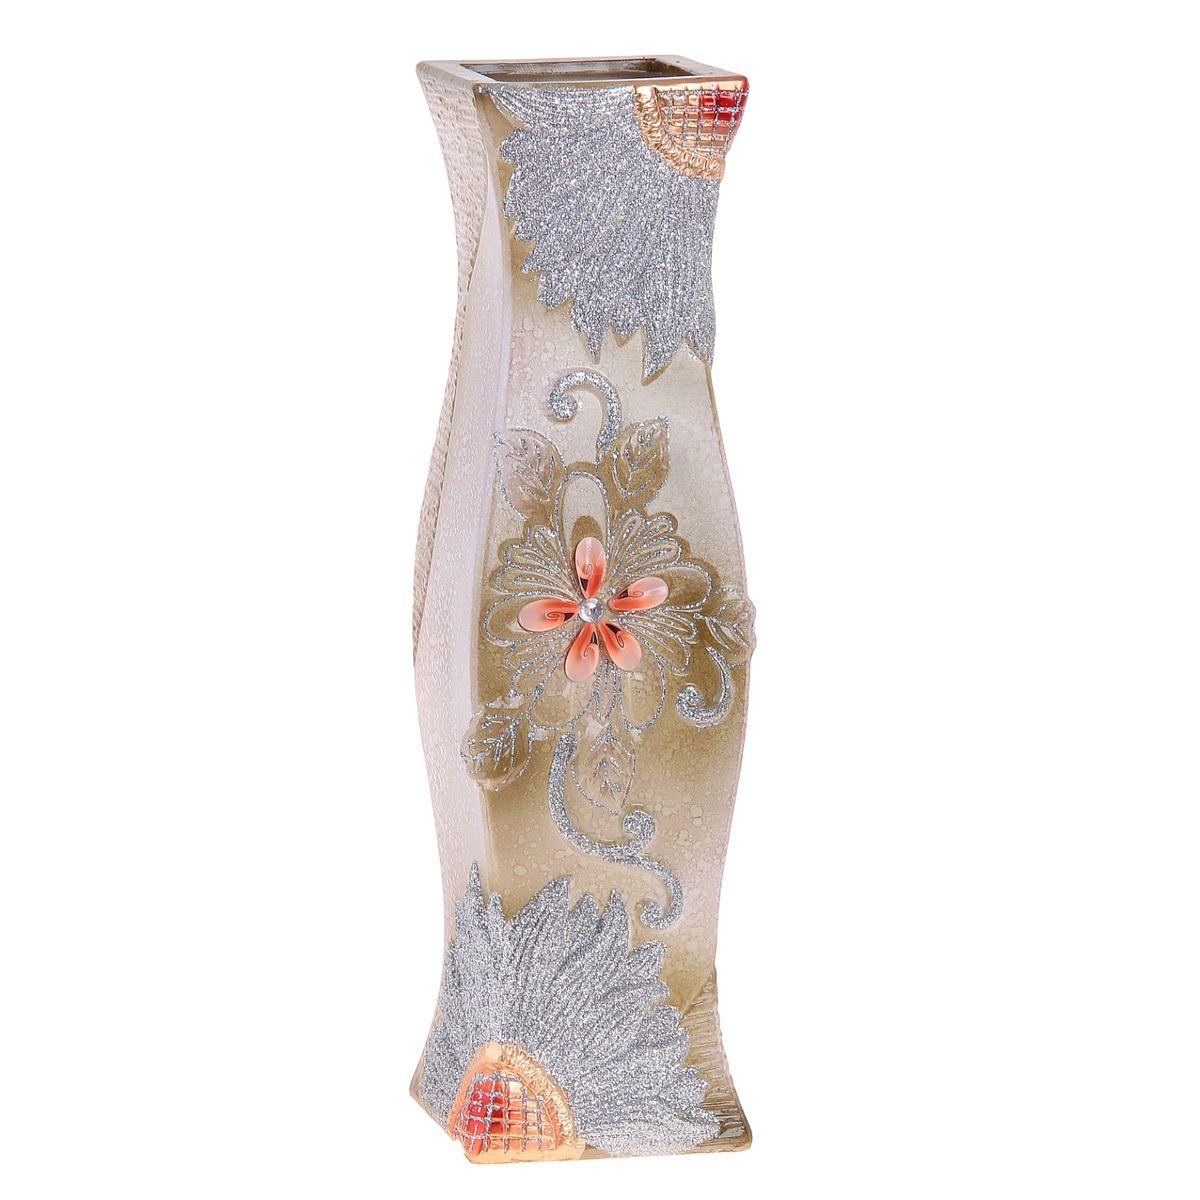 Ваза напольная Sima-land Яркий подсолнух, высота 60 см913531Напольная ваза Sima-land Яркий подсолнух, выполненная из керамики, станет изысканным украшением интерьера. Она предназначена как для живых, так и для искусственных цветов. Изделие декорировано блестками и стразами. Интересная форма и необычное оформление сделают эту вазу замечательным украшением интерьера. Любое помещение выглядит незавершенным без правильно расположенных предметов интерьера. Они помогают создать уют, расставить акценты, подчеркнуть достоинства или скрыть недостатки.